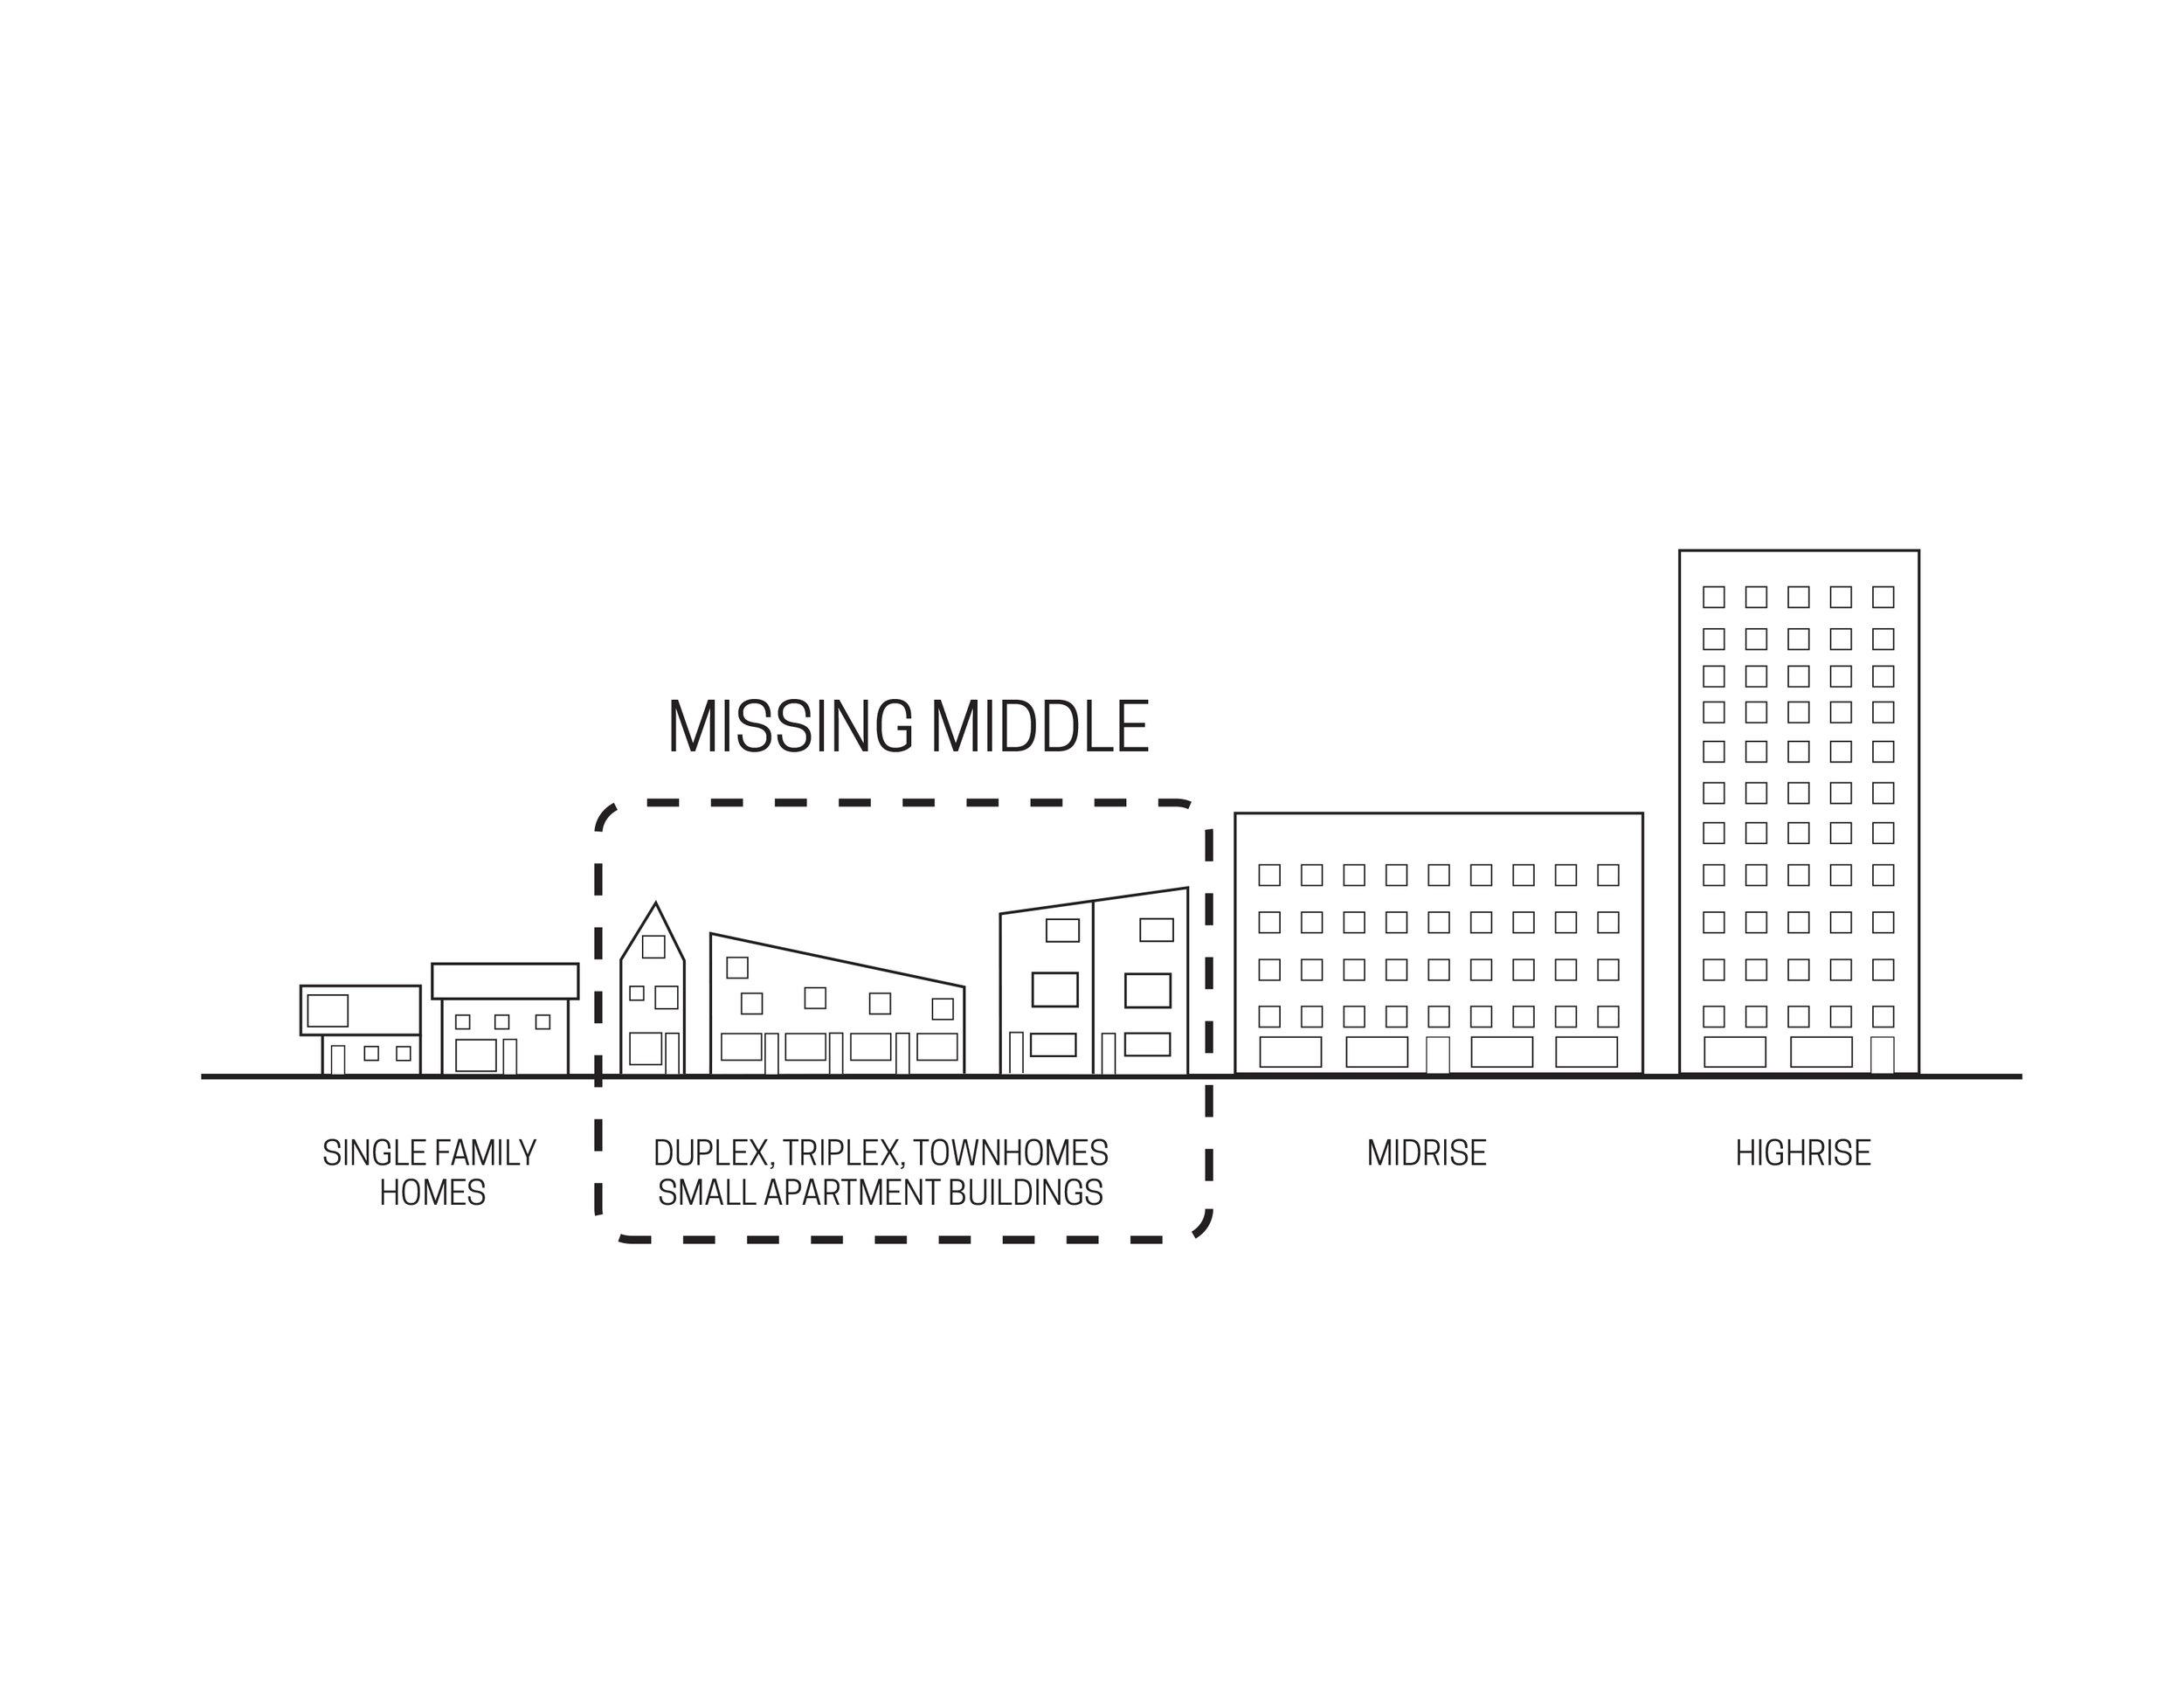 missing-middle-diagram-townhomes-duplex-triplex-wc-studio.jpg